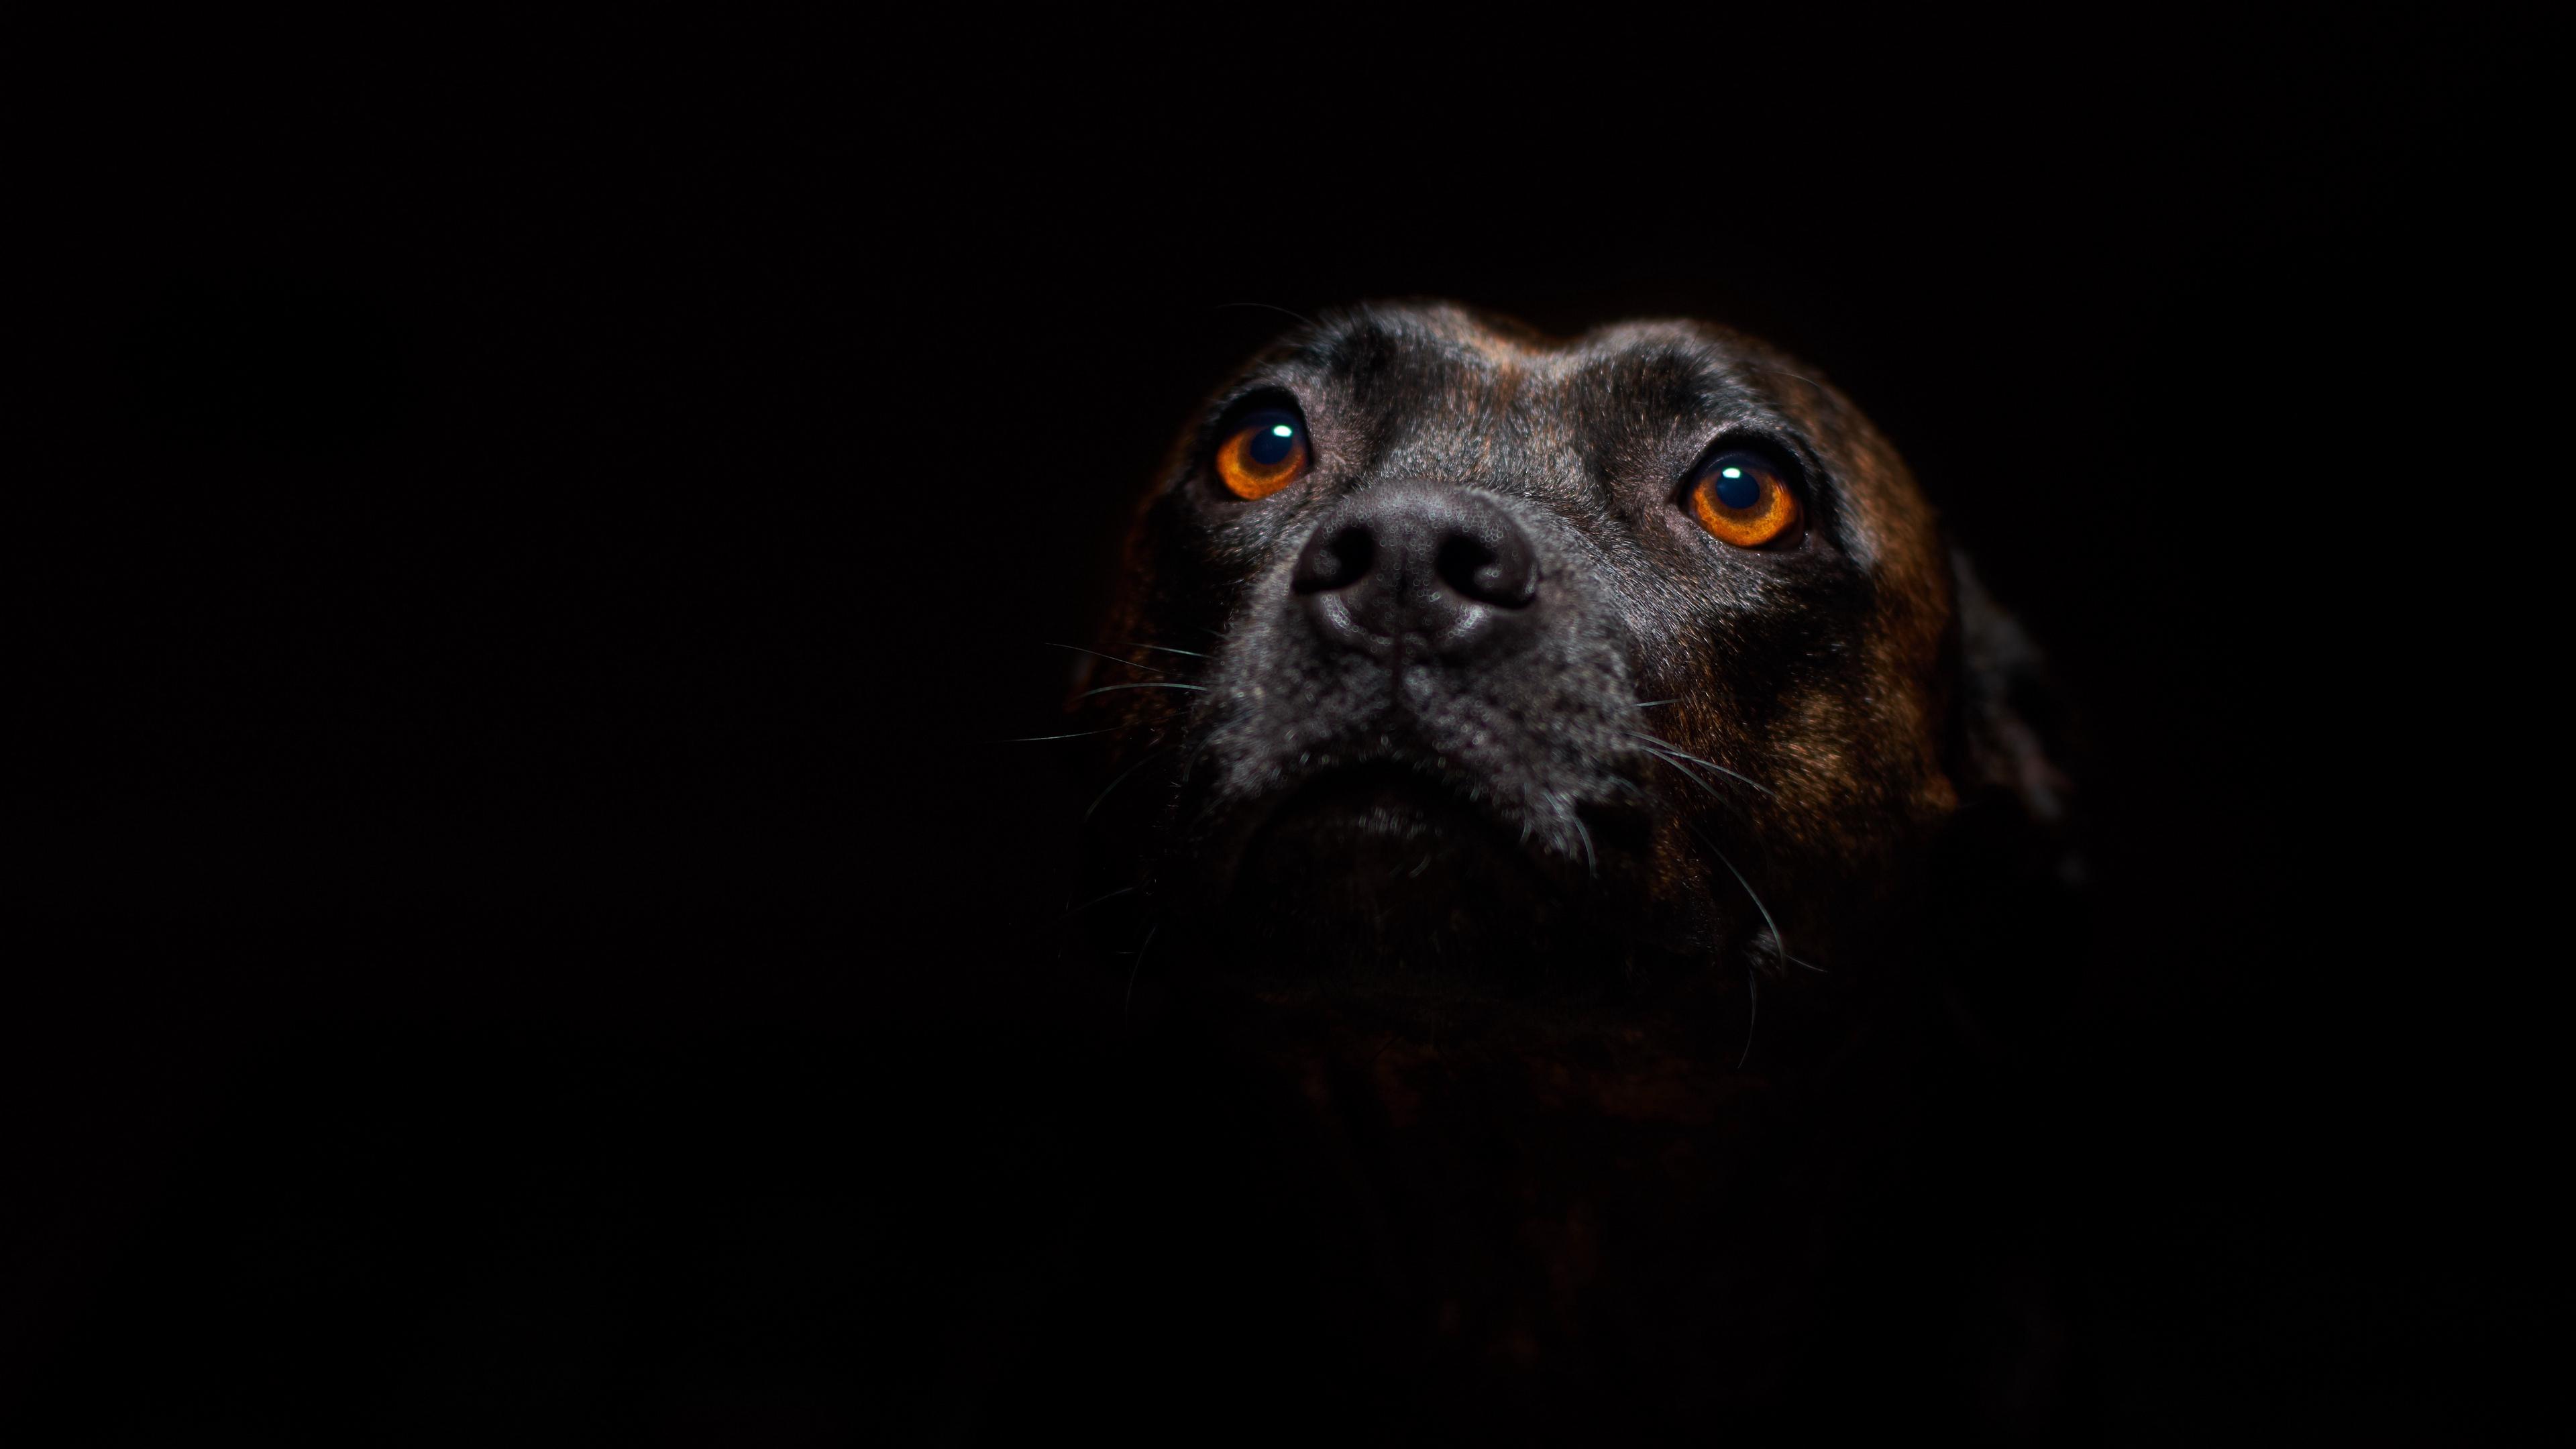 dog muzzle sight dark 4k 1542241545 - dog, muzzle, sight, dark 4k - Sight, muzzle, Dog